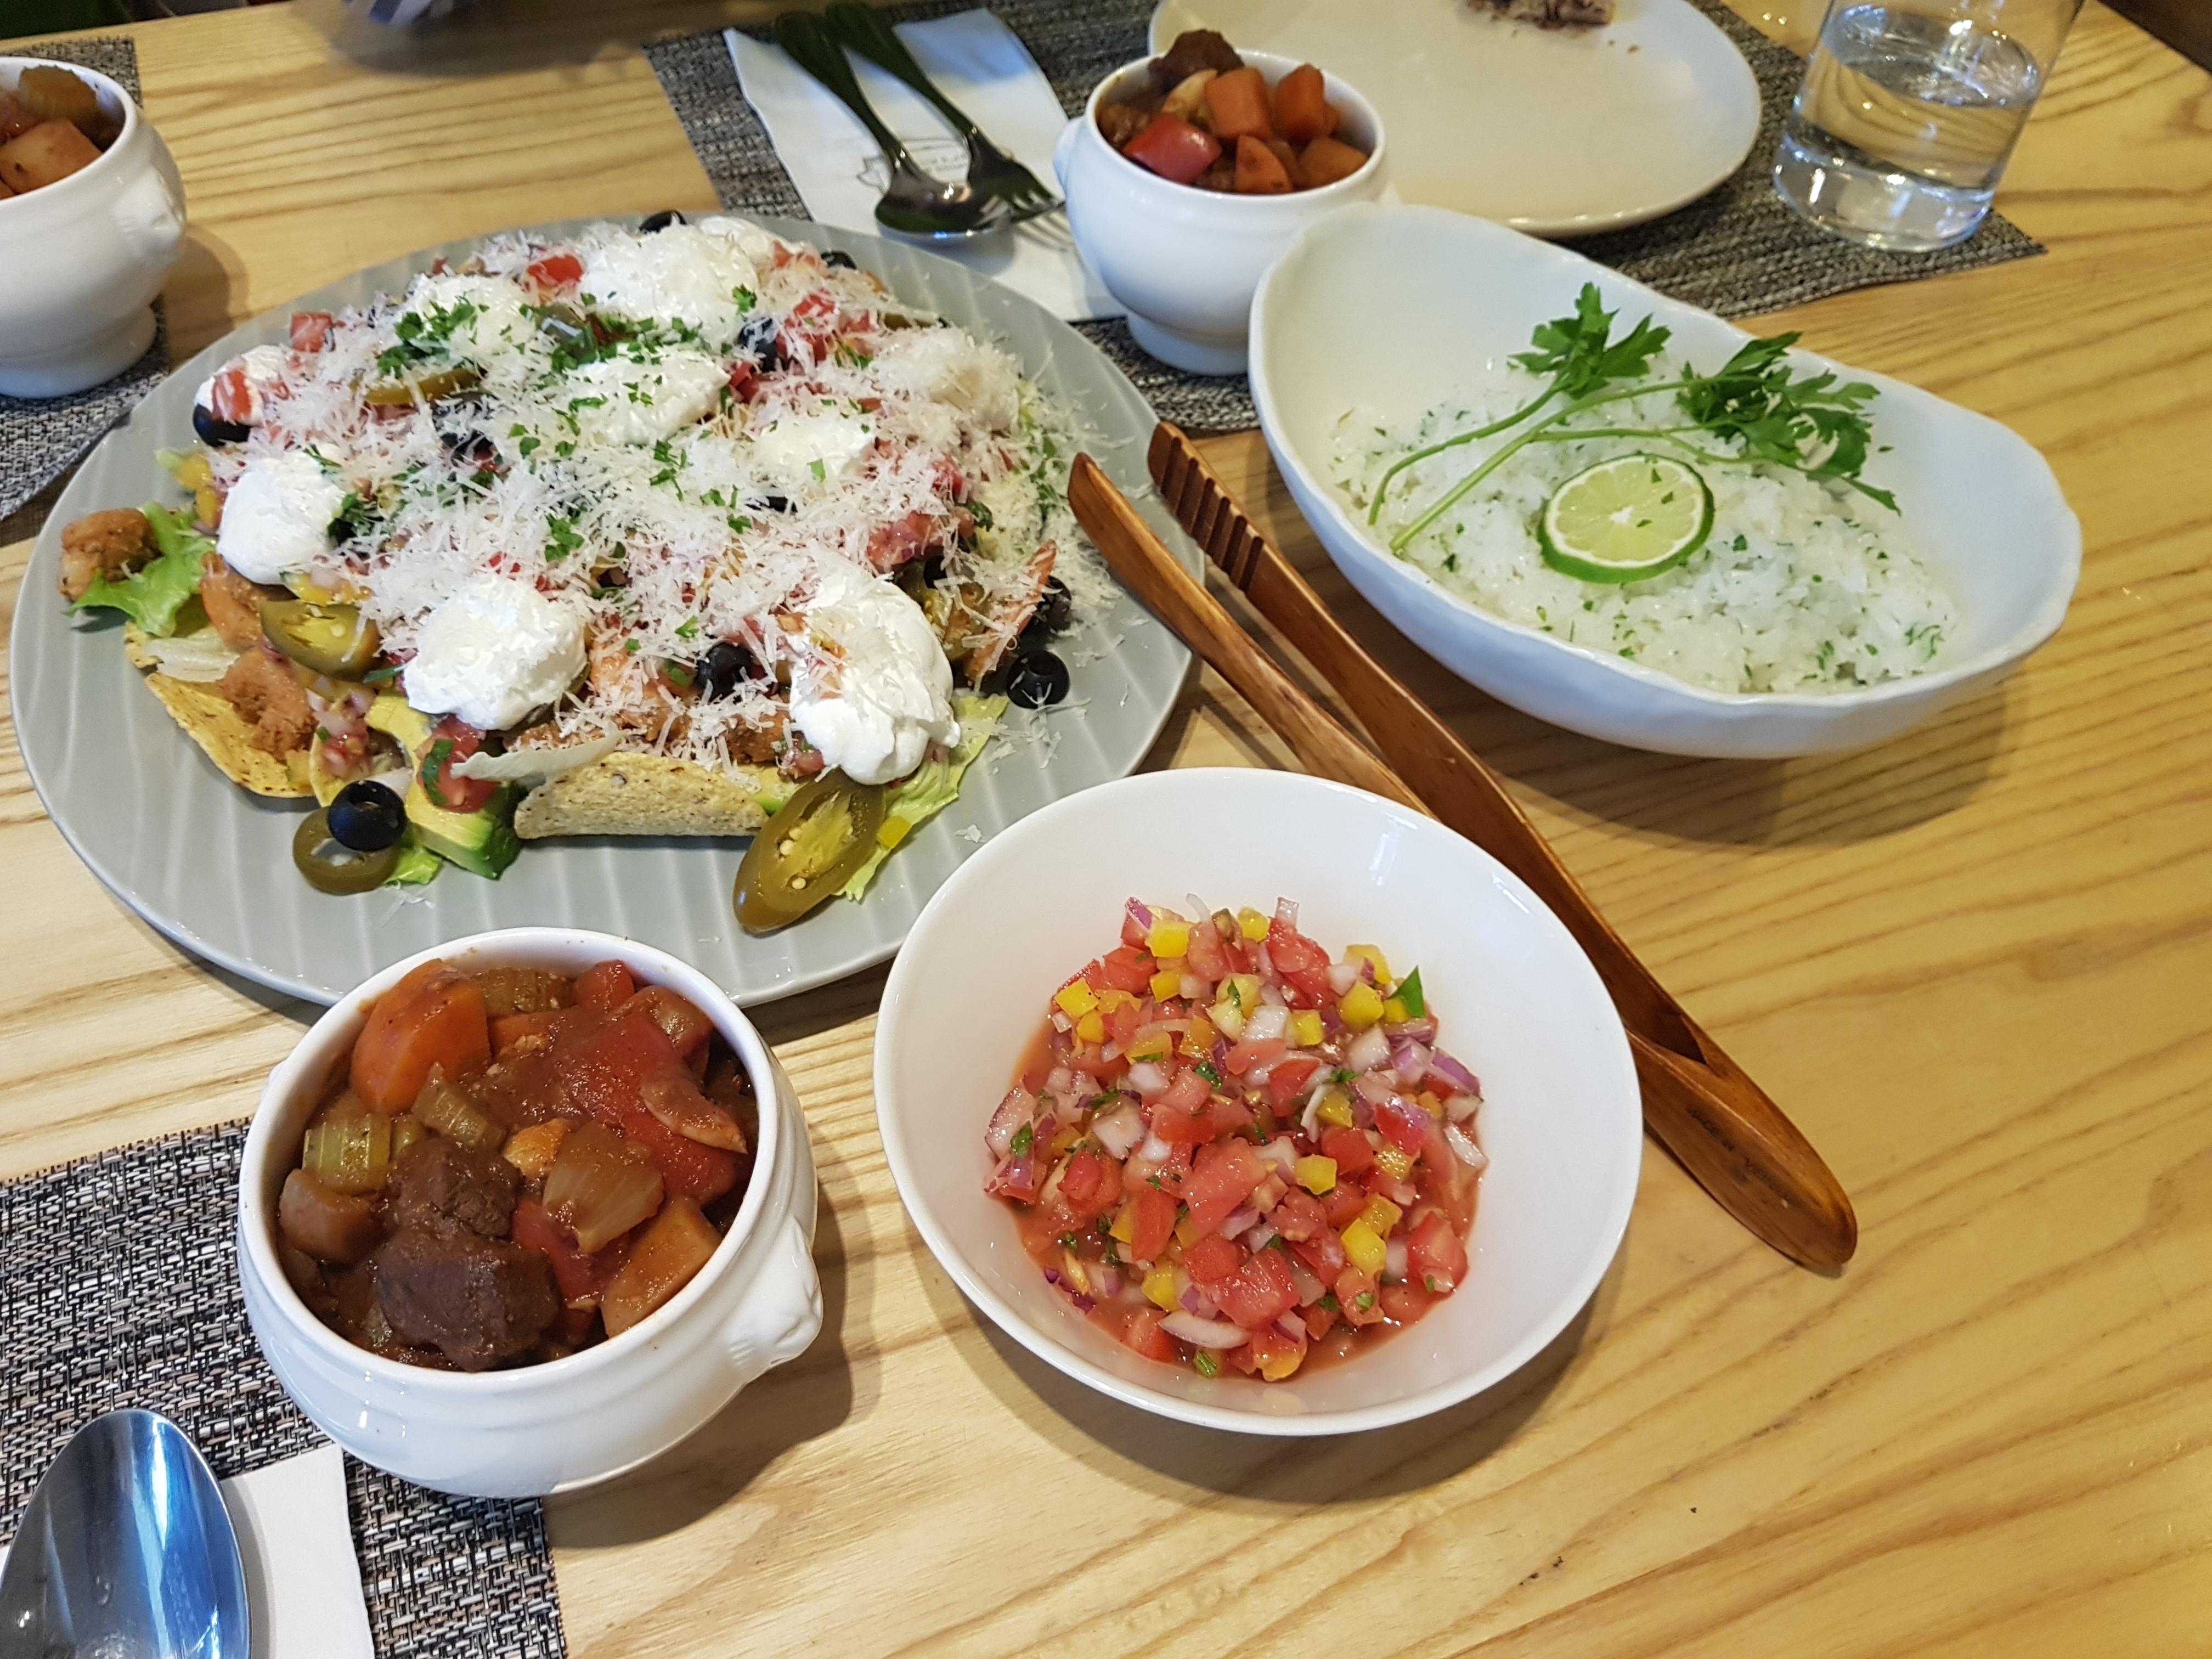 락앤락써포터즈 원데이 클래스 - 세계집밥(멕시칸보양식)